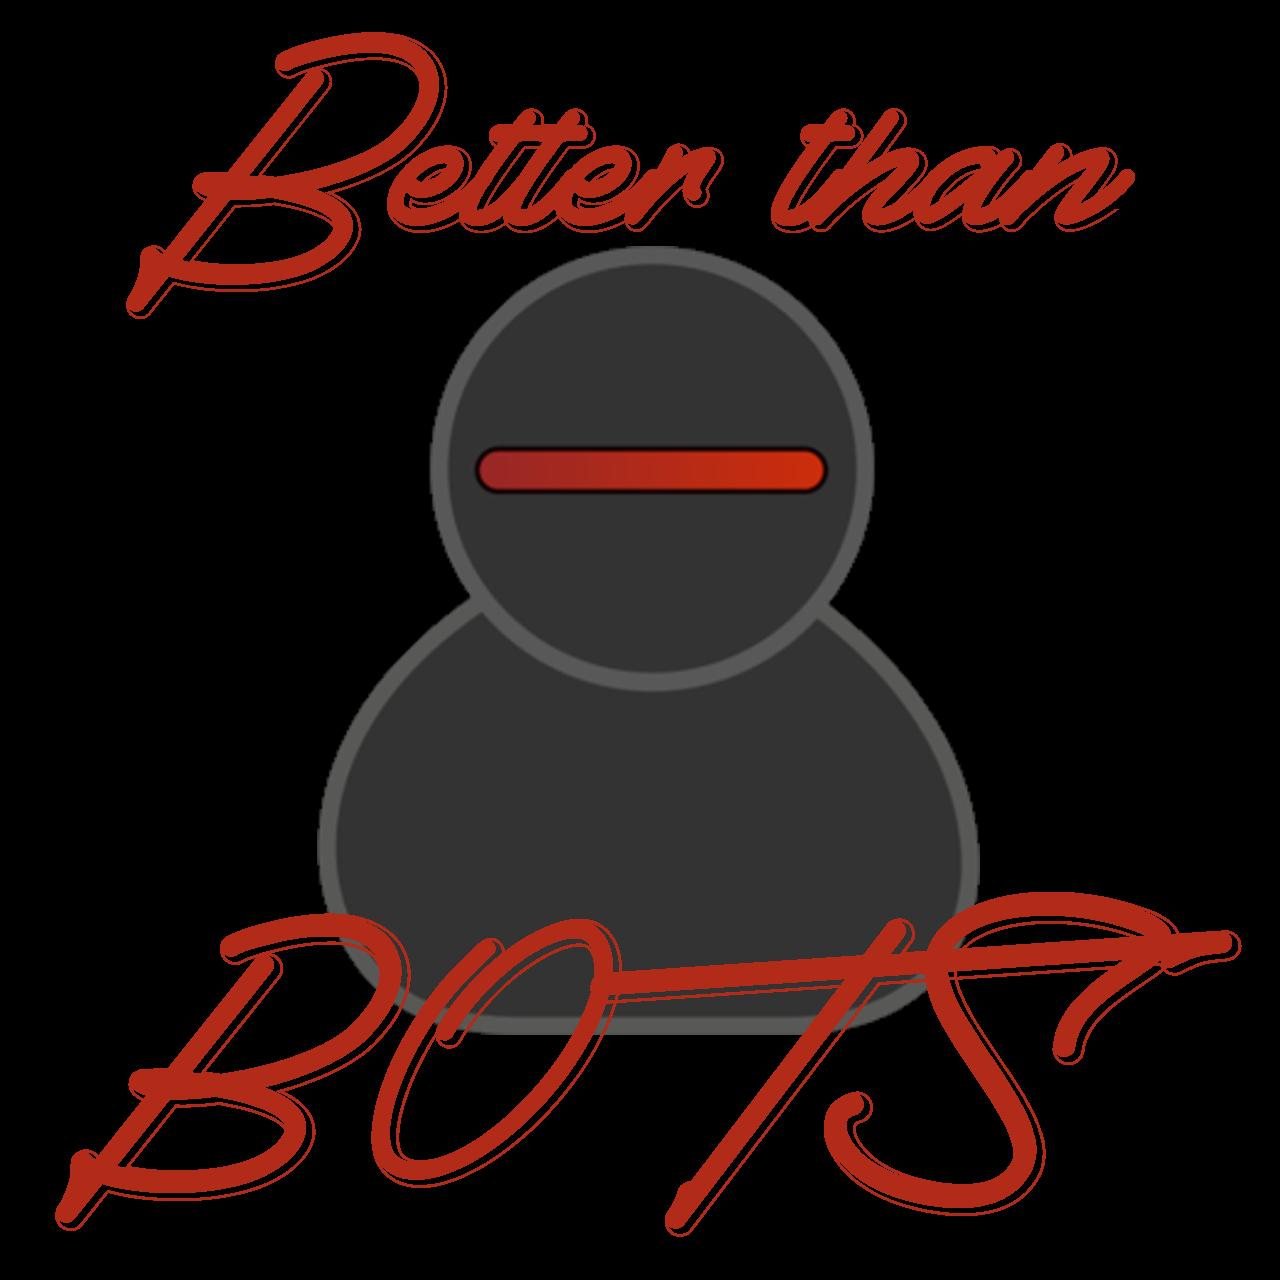 Better Than Bots